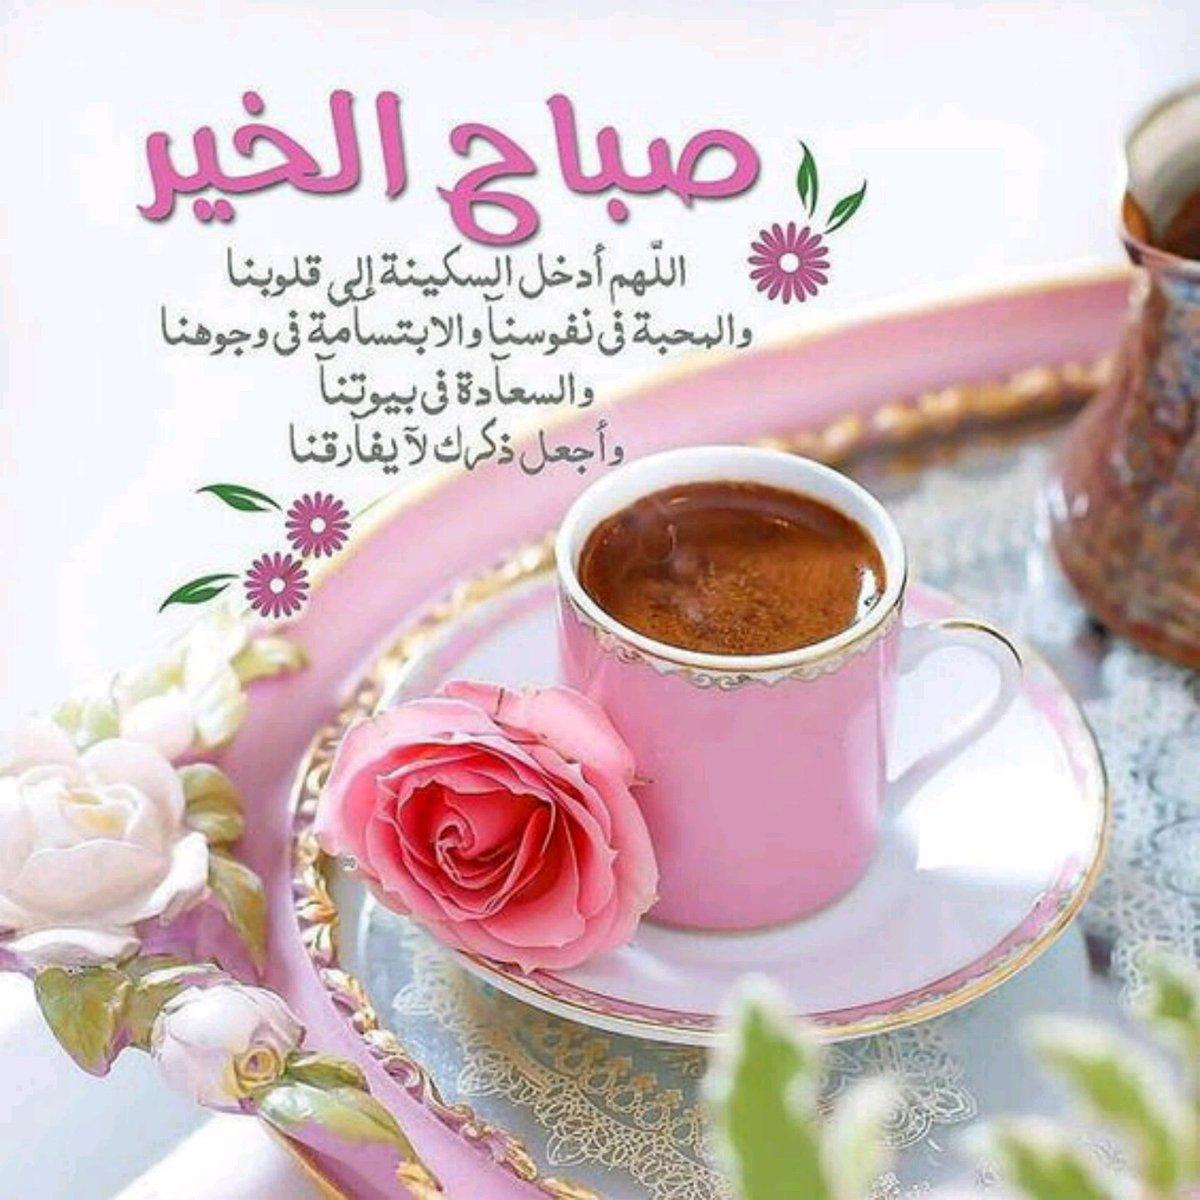 بالصور صور صباح الخير , رمزيات جميلة مكتوب عليها صباح الخير 1034 2